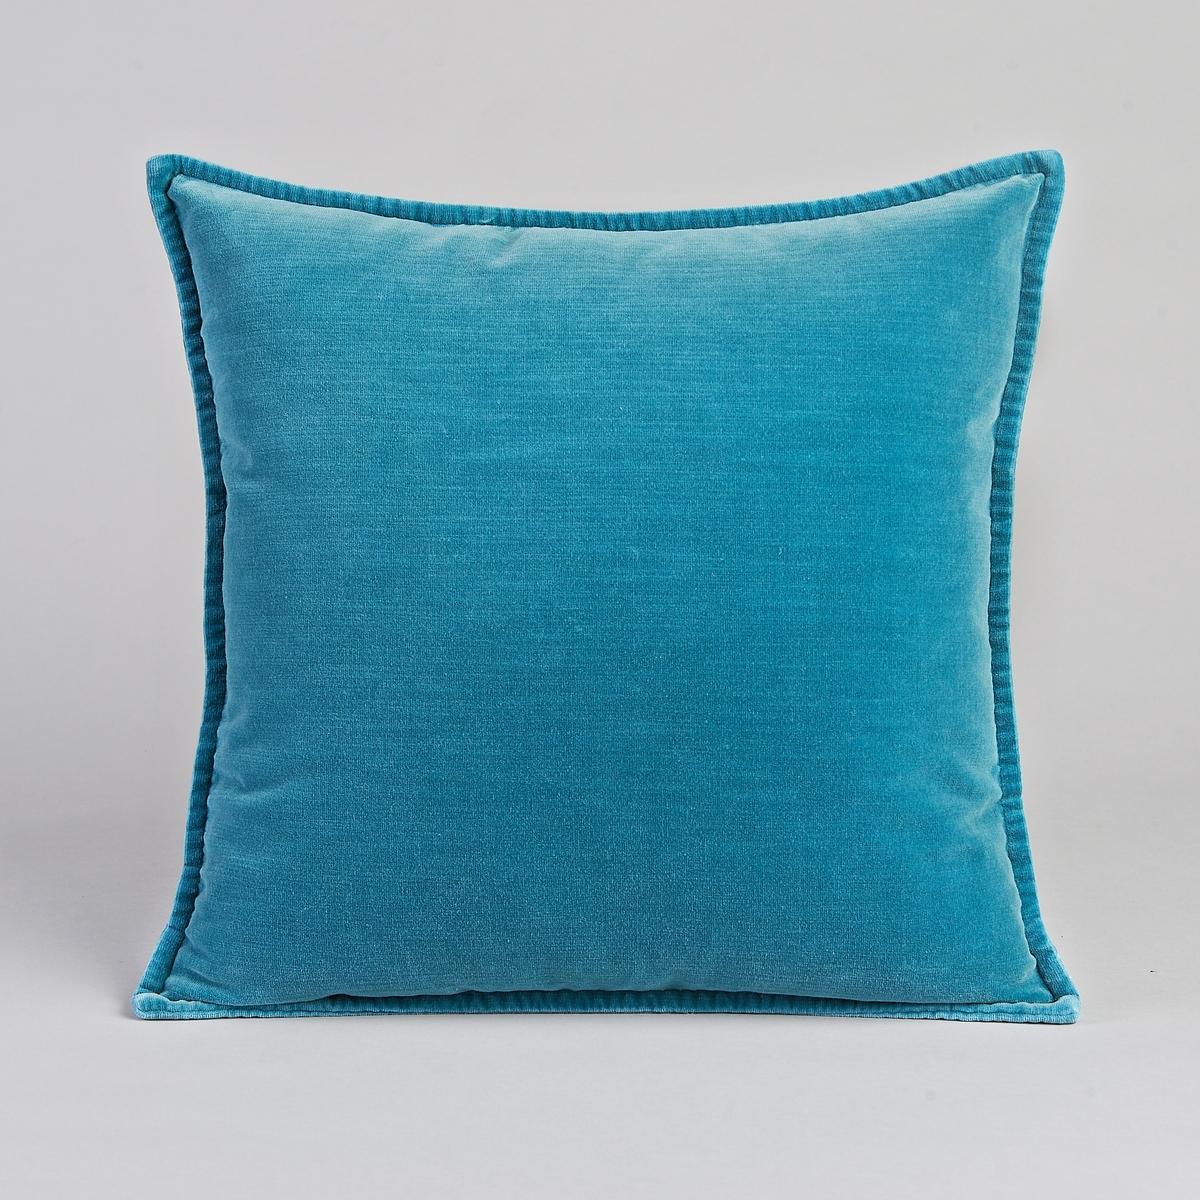 Чехол для подушки DidrikЧехол для подушки Didrik. 90% хлопка, 10% полиэстера. Застёжка на скрытую молнию сзади. Размер : 45 x 45 см.<br><br>Цвет: желтый горчичный,сине-зеленый<br>Размер: 45 x 45  см